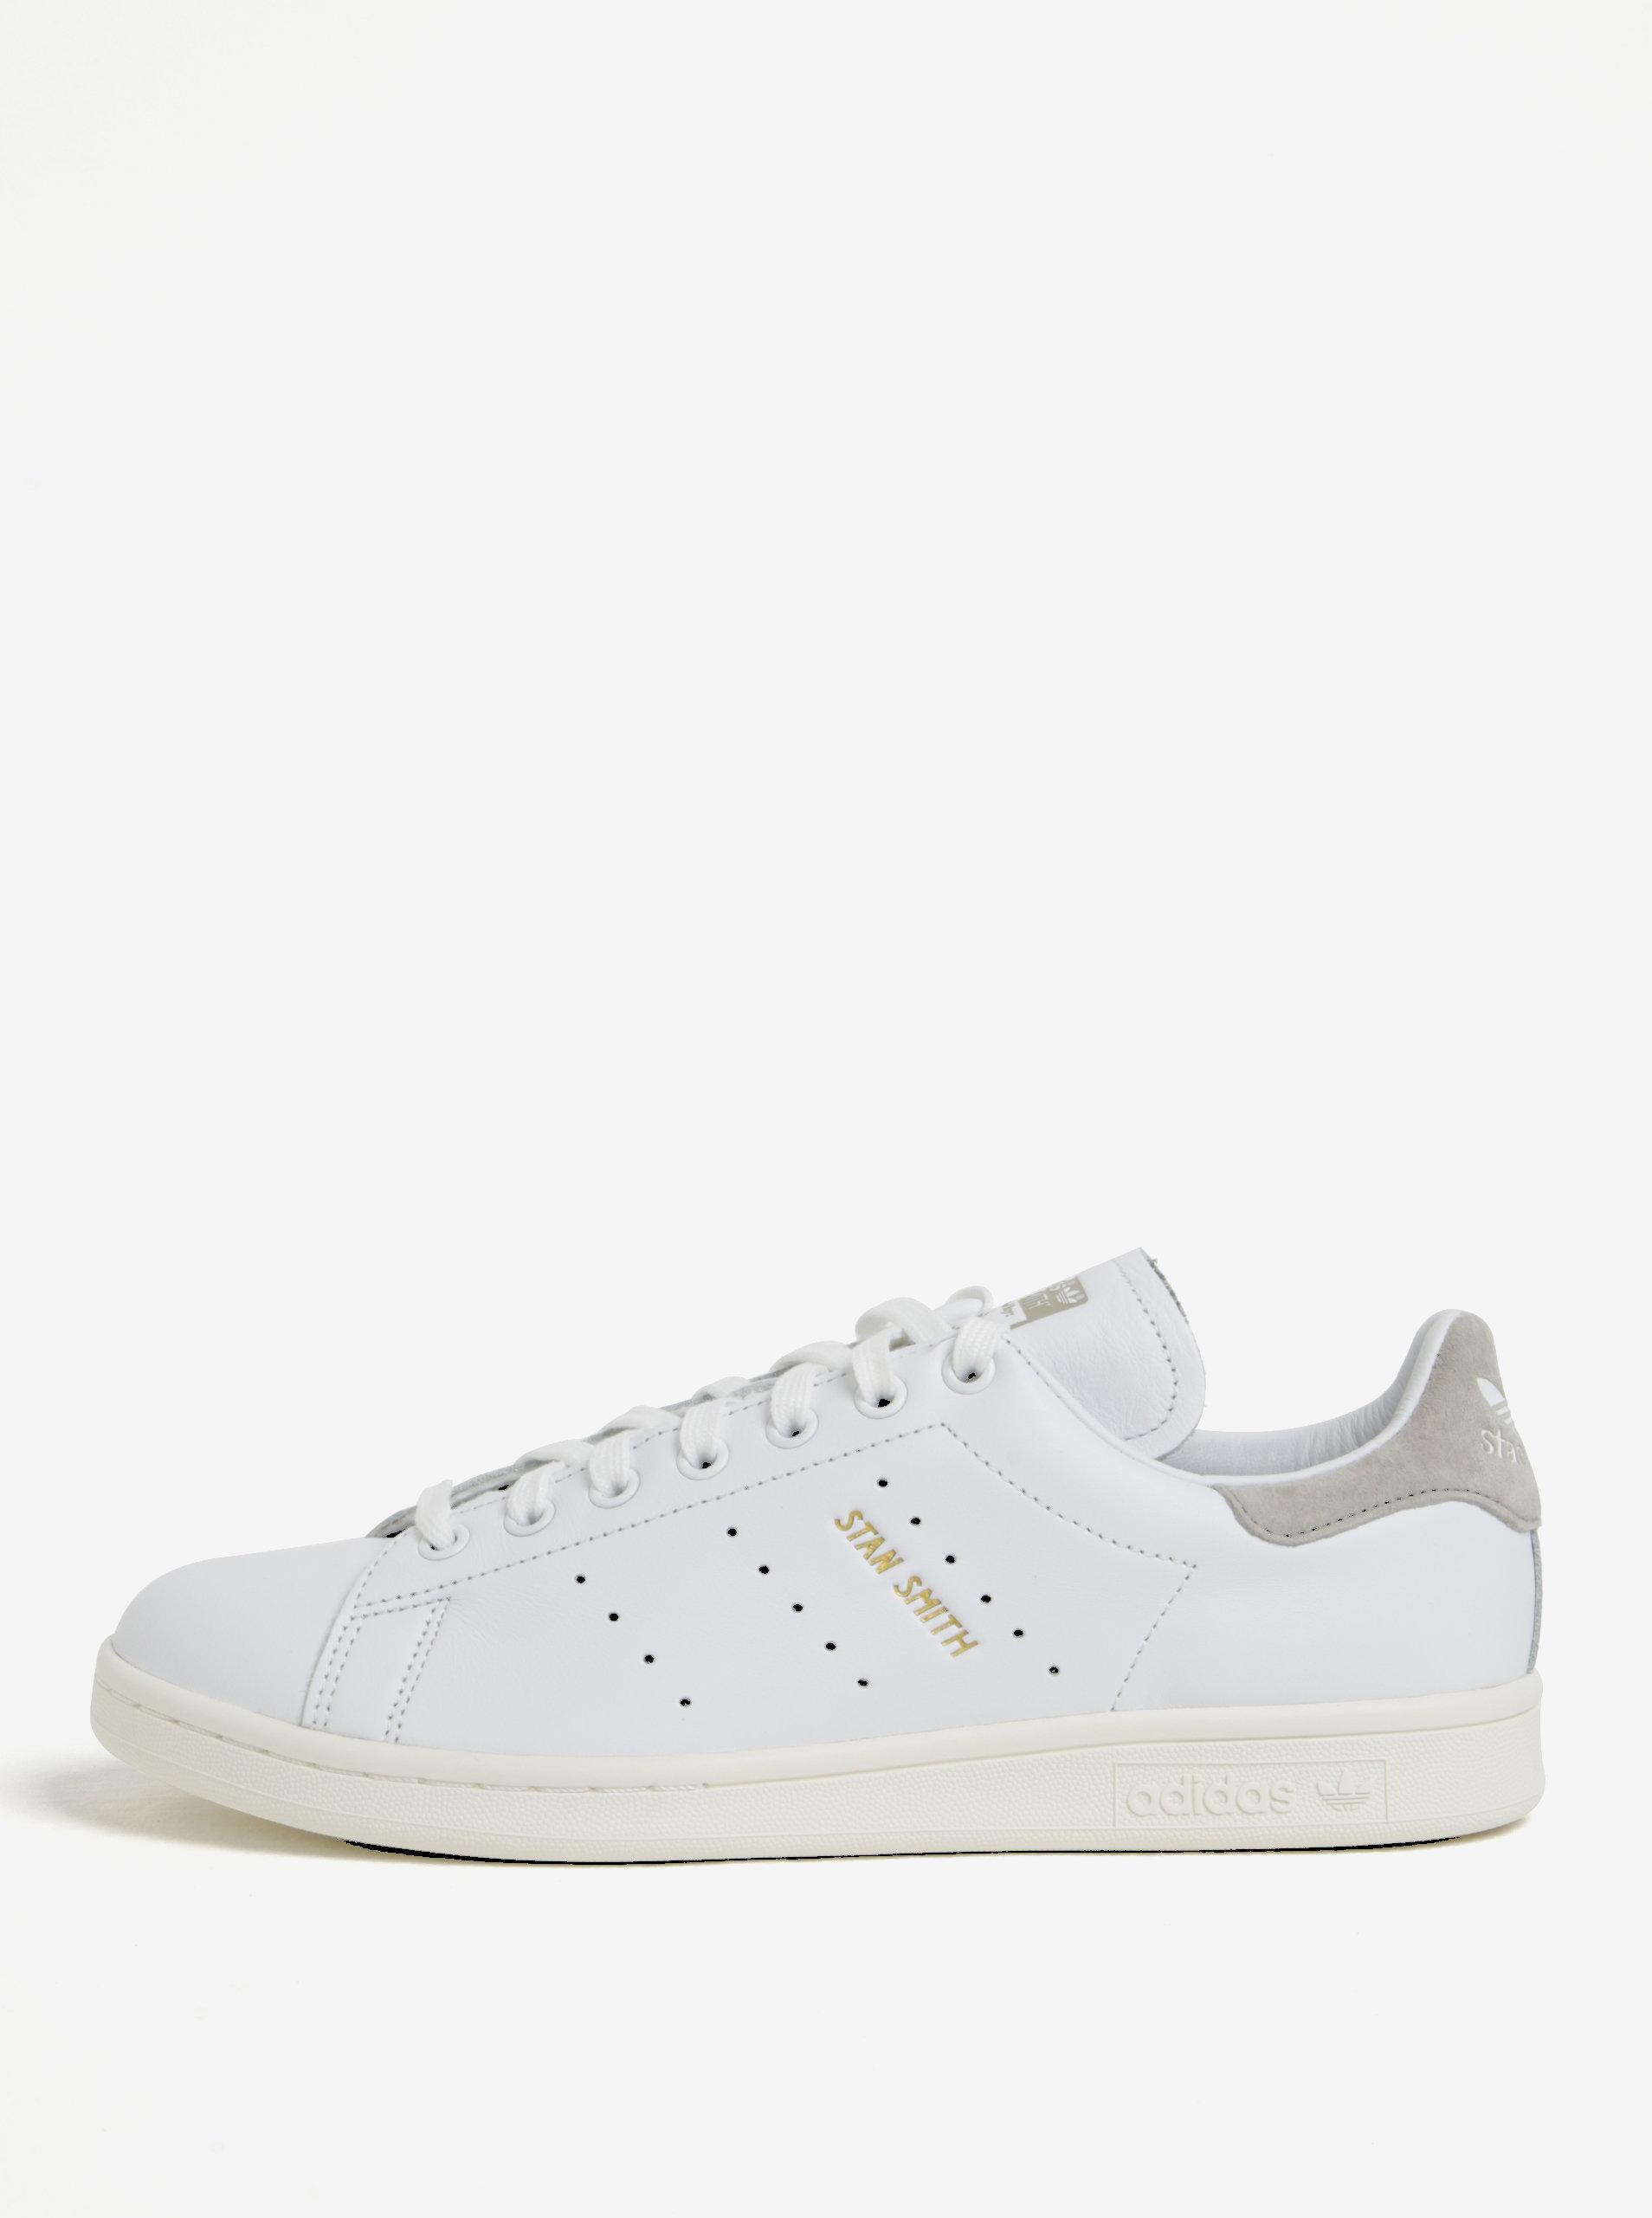 Biele pánske kožené tenisky adidas Originals Stan Smith ... 58dd38ebb8